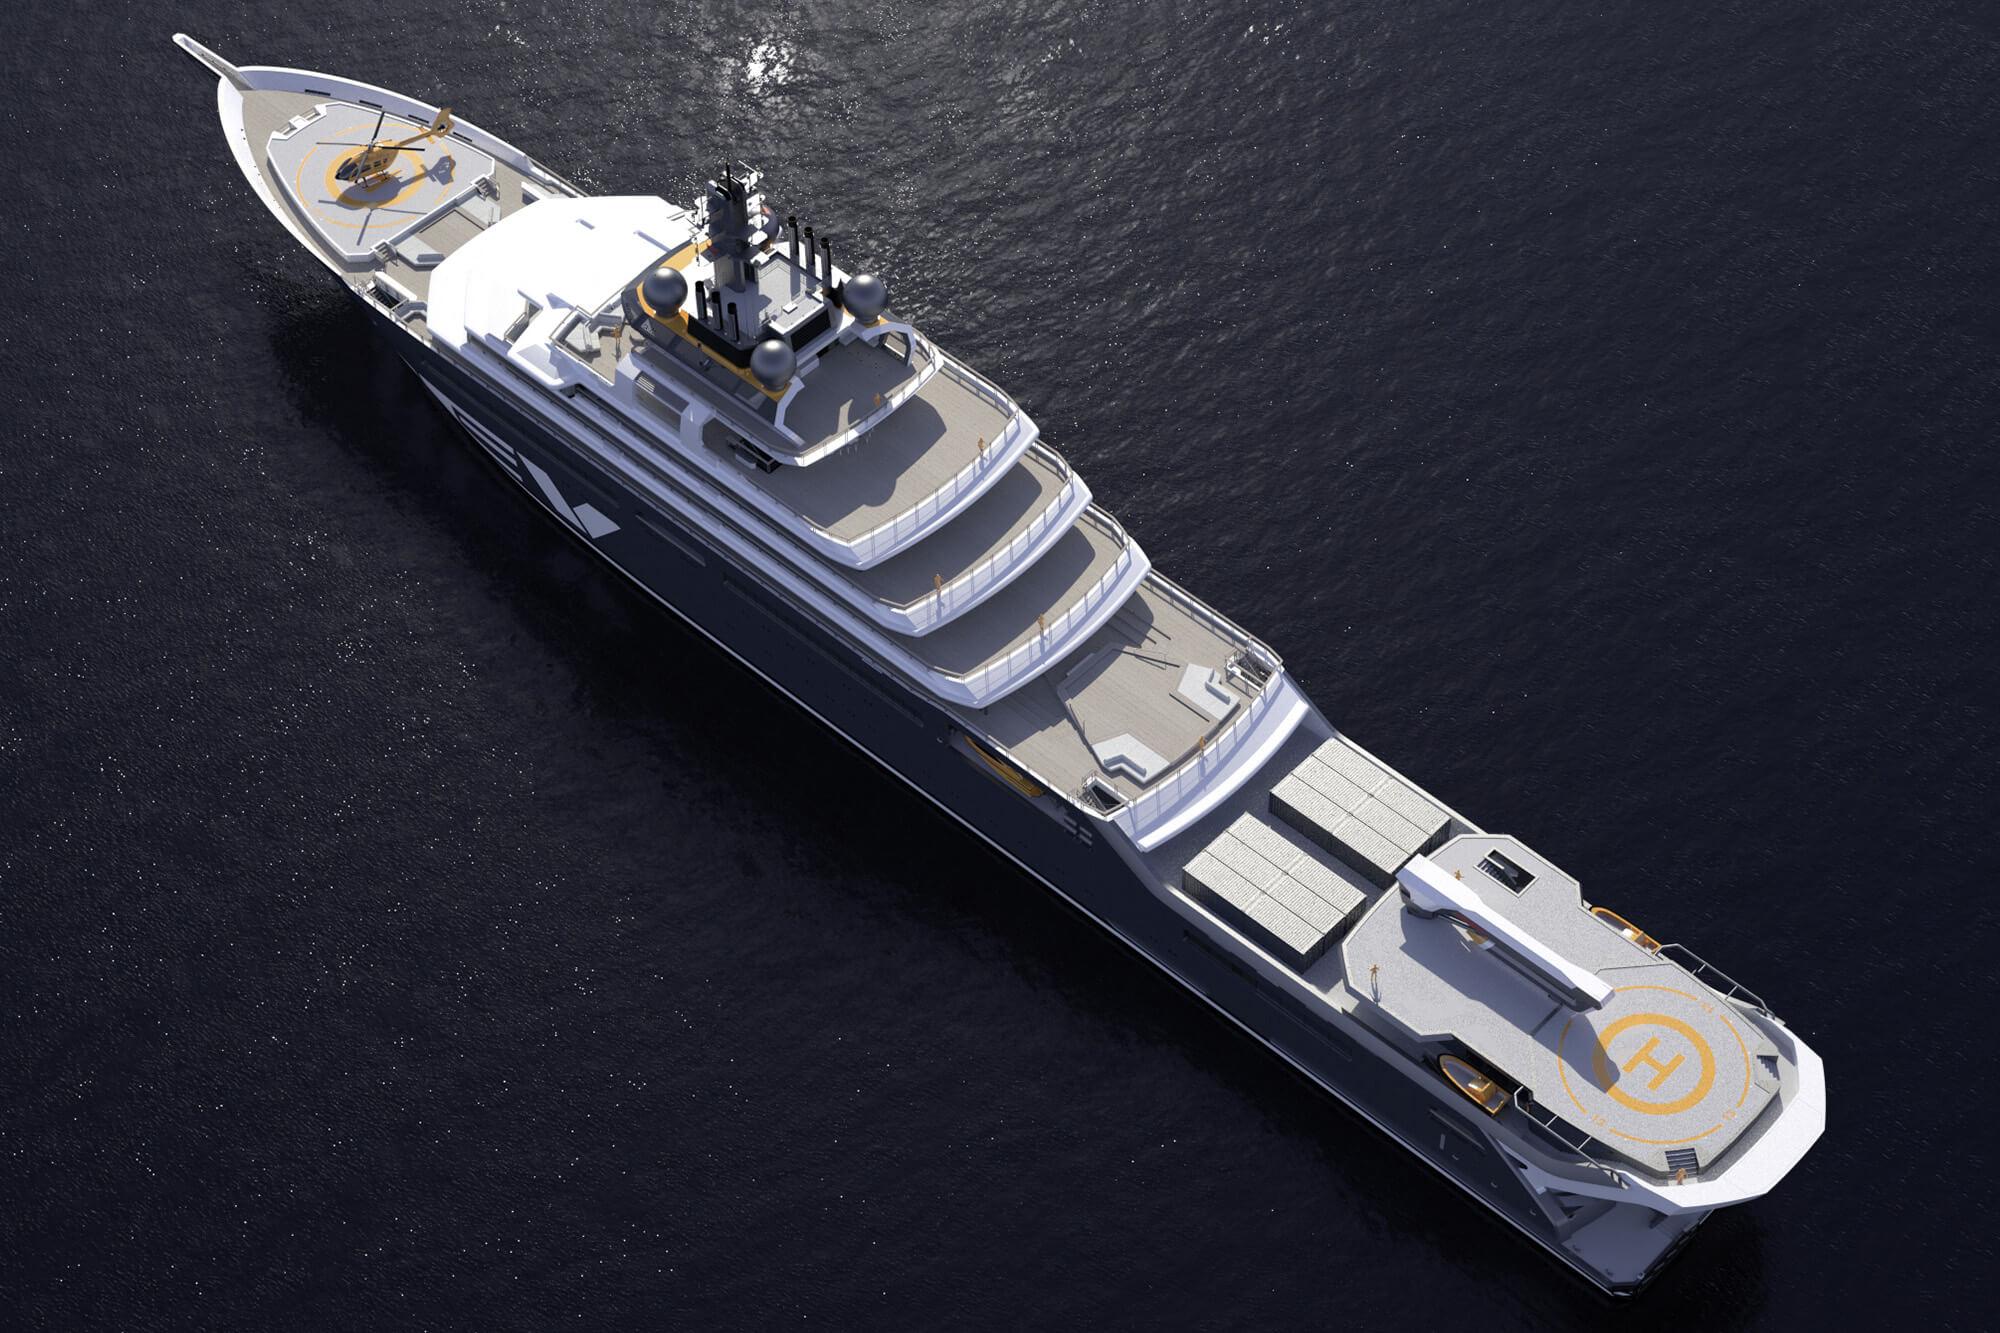 Nachhaltigkeit im Yachtdeckbau neu definiert – Wolz Nautic zeichnet Auftrag zur Ausstattung der 182 Meter Yacht REV